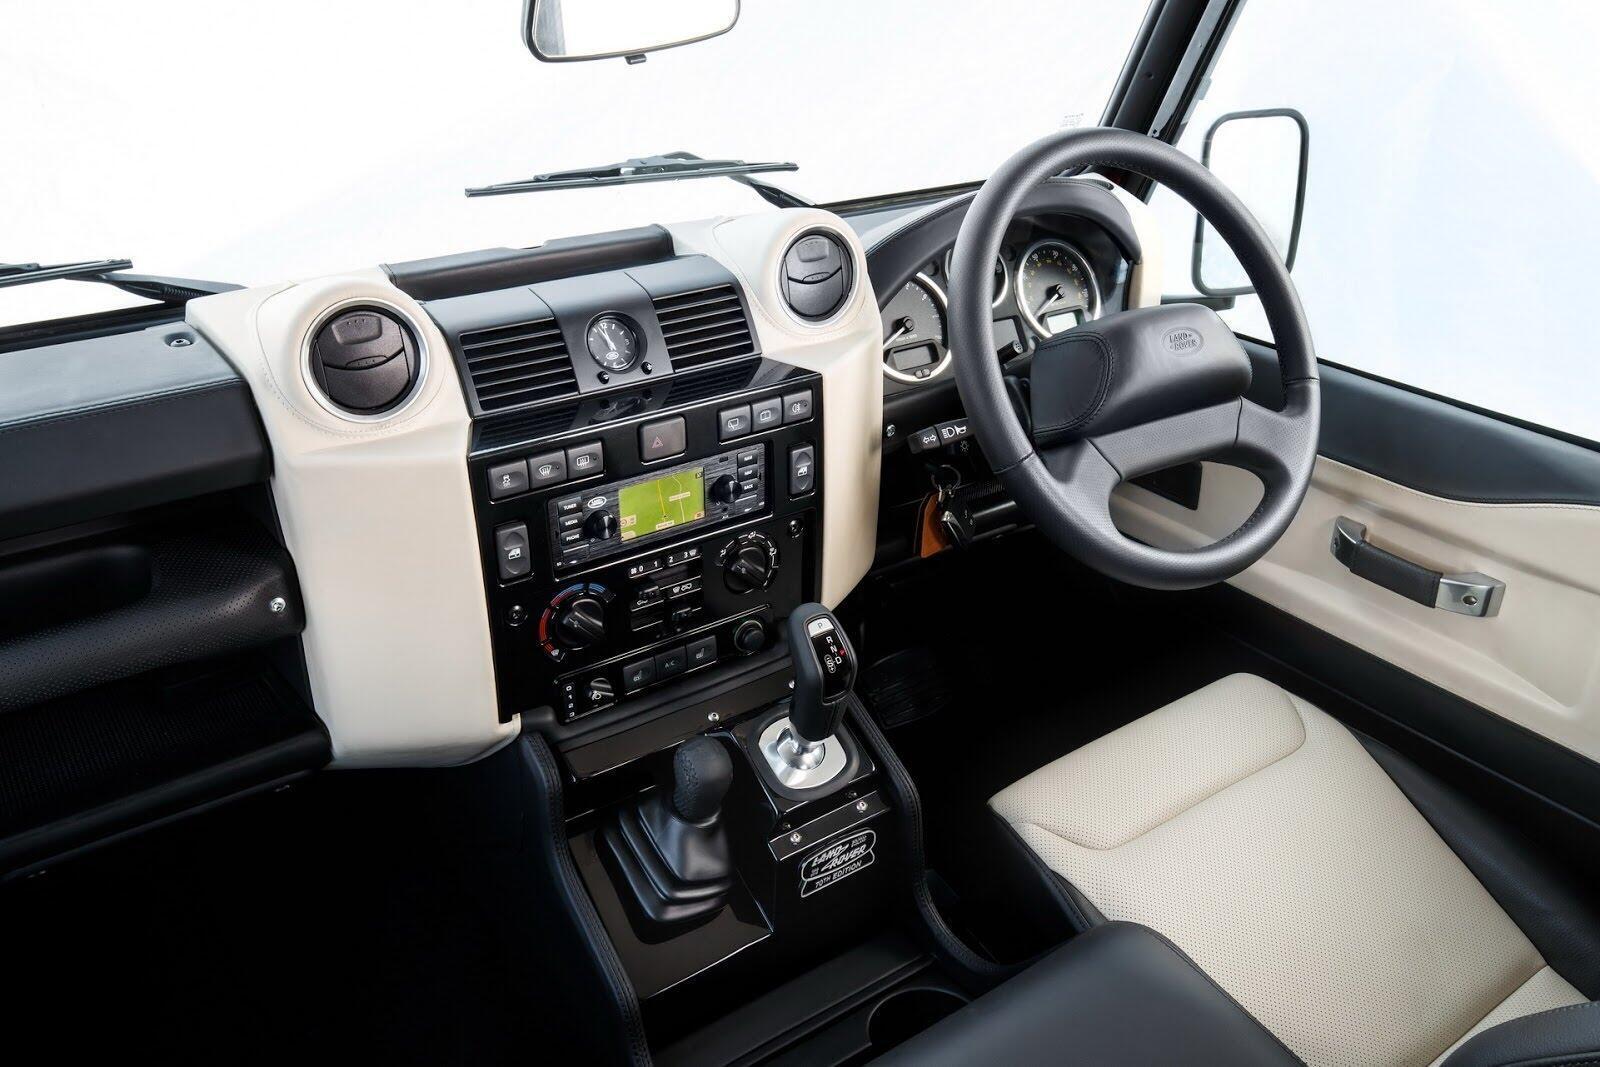 Land Rover Defender phiên bản kỷ niệm 70 năm ra mắt; chỉ 150 chiếc được sản xuất - Hình 7